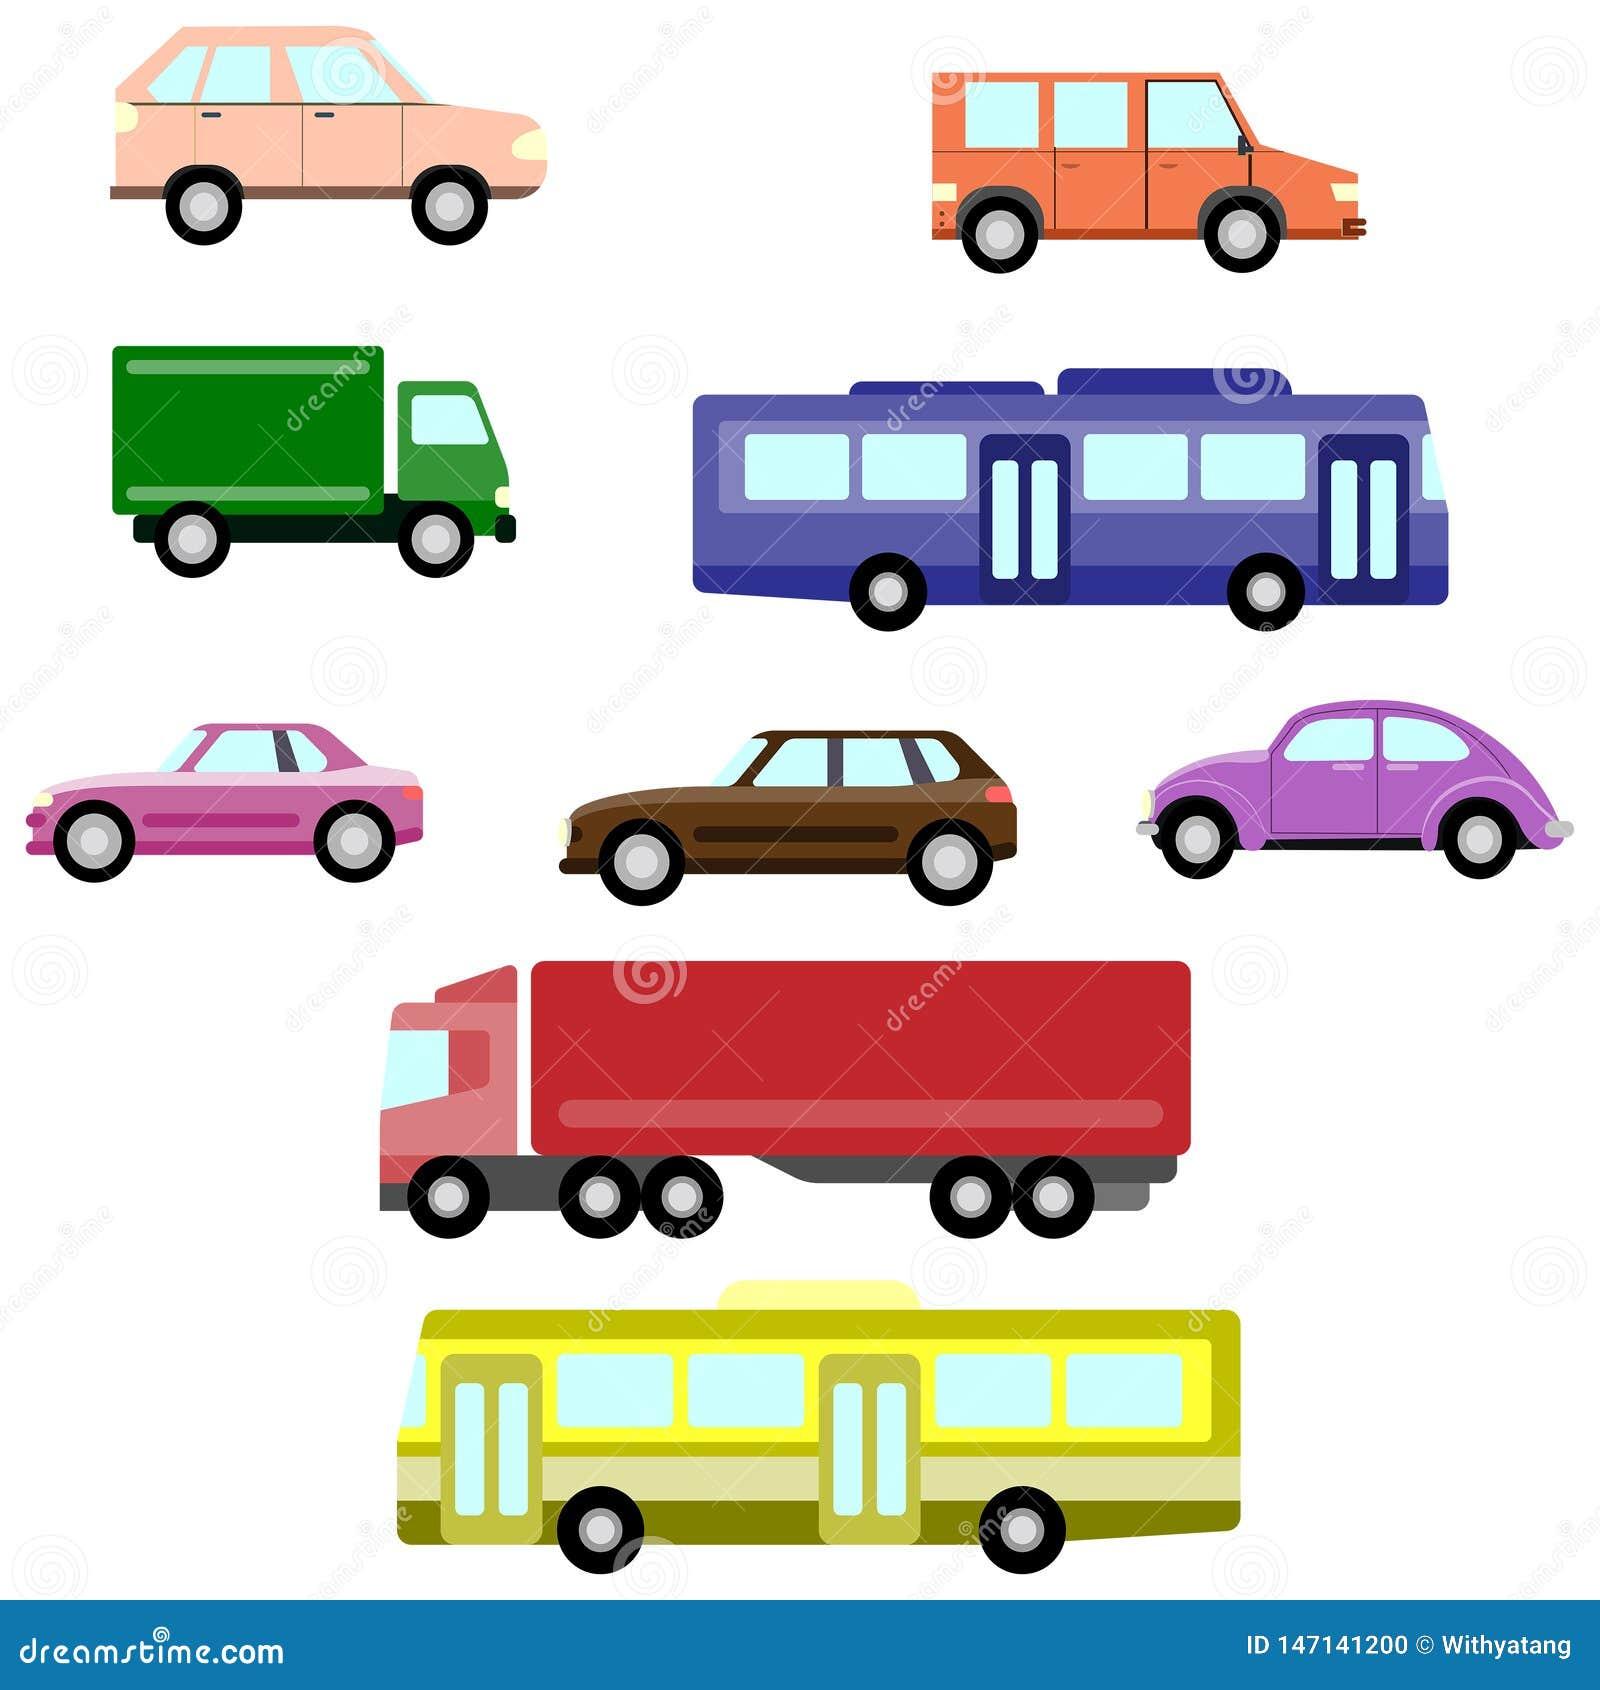 Samochody Stockowych Ilustracji Wektorow Klipartow 35 926 Stock Illustrations